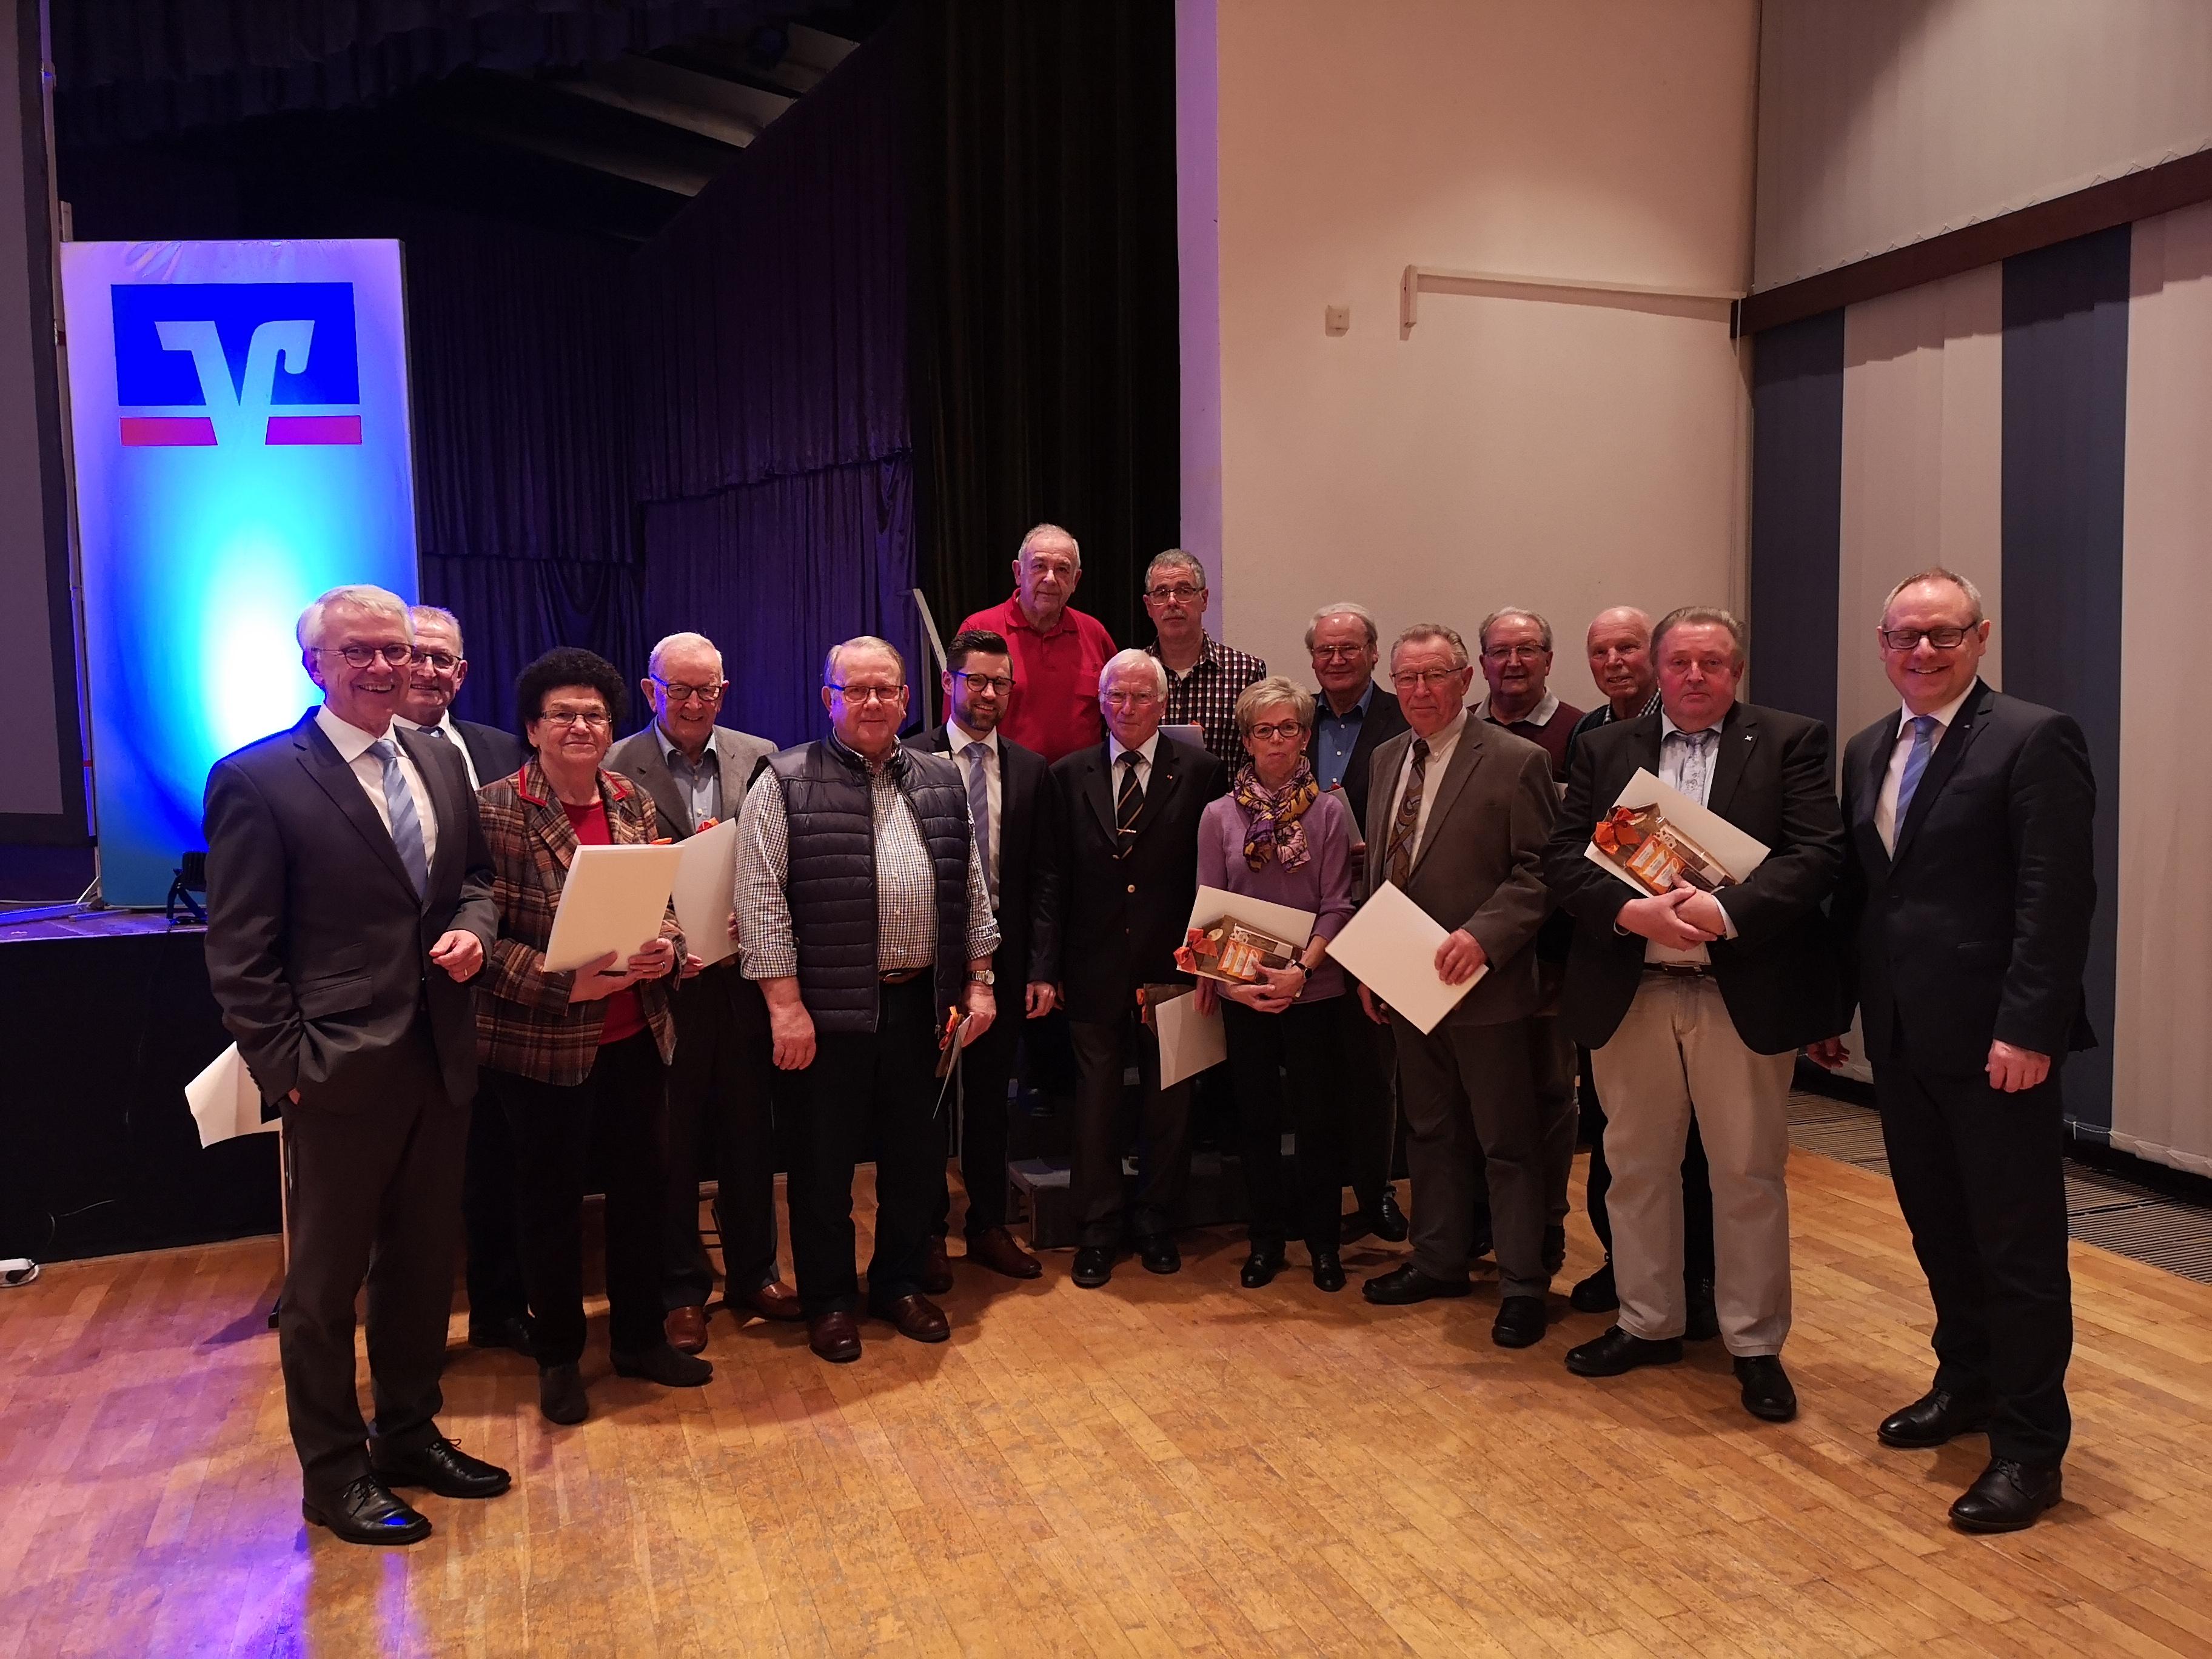 Mitgliederehrung in Gladenbach